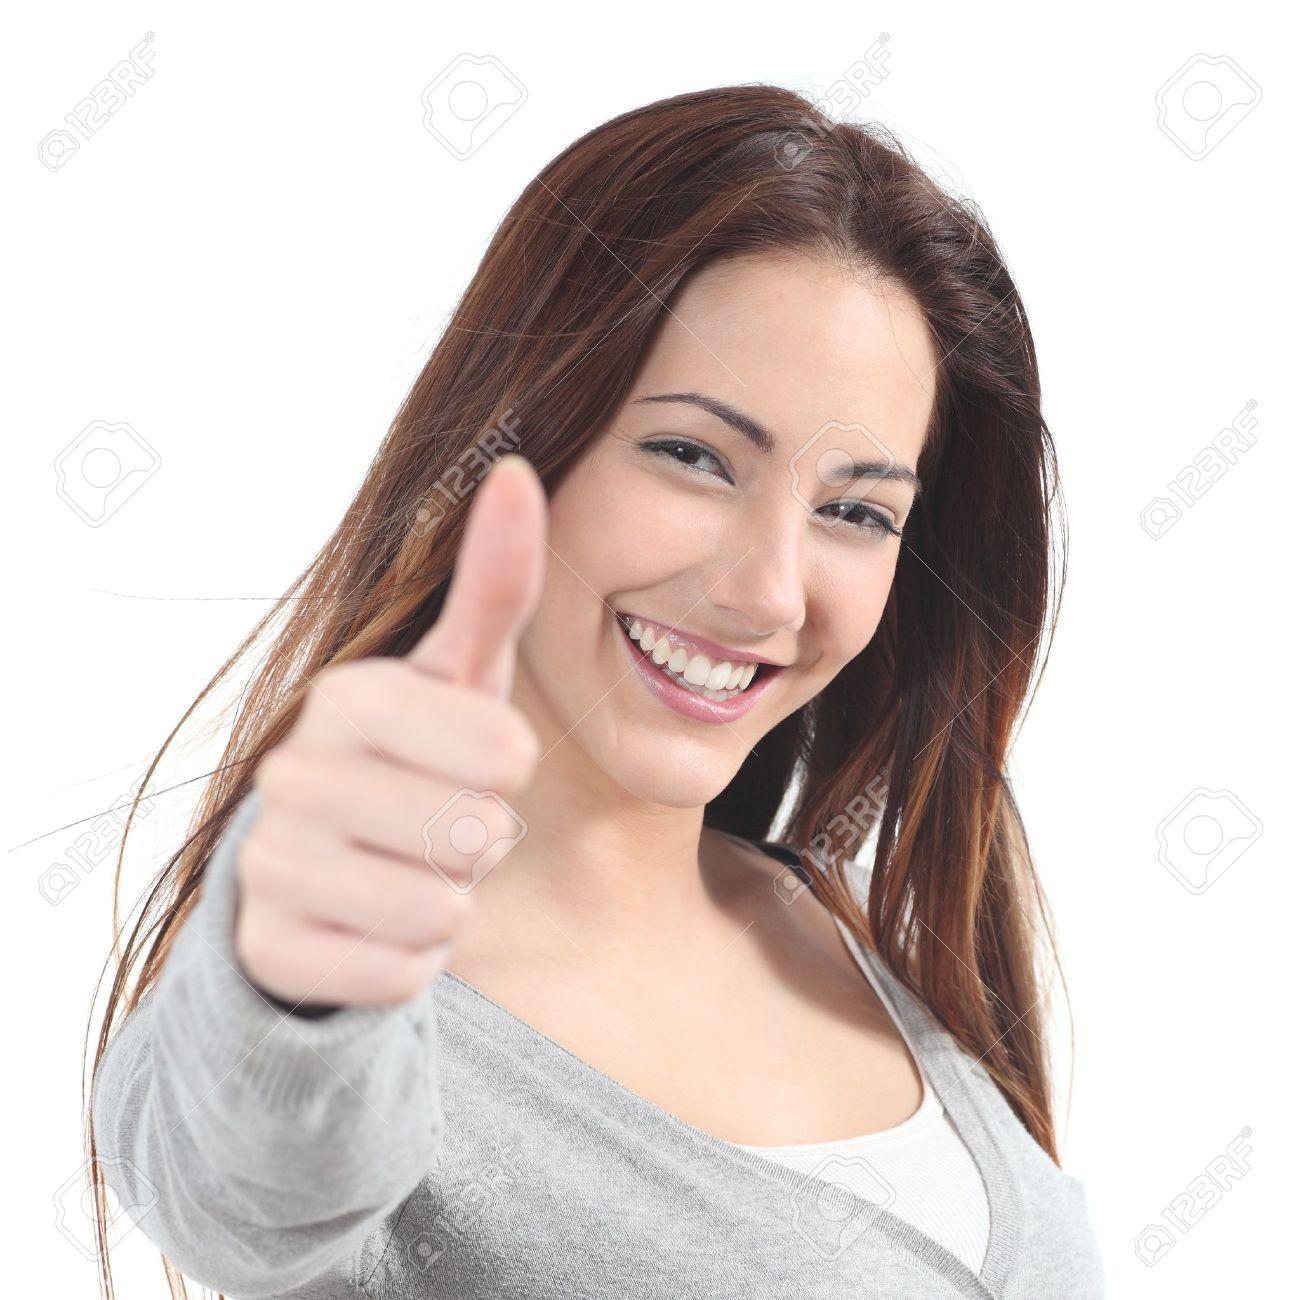 Сделать пальцем приятно девушке 18 фотография